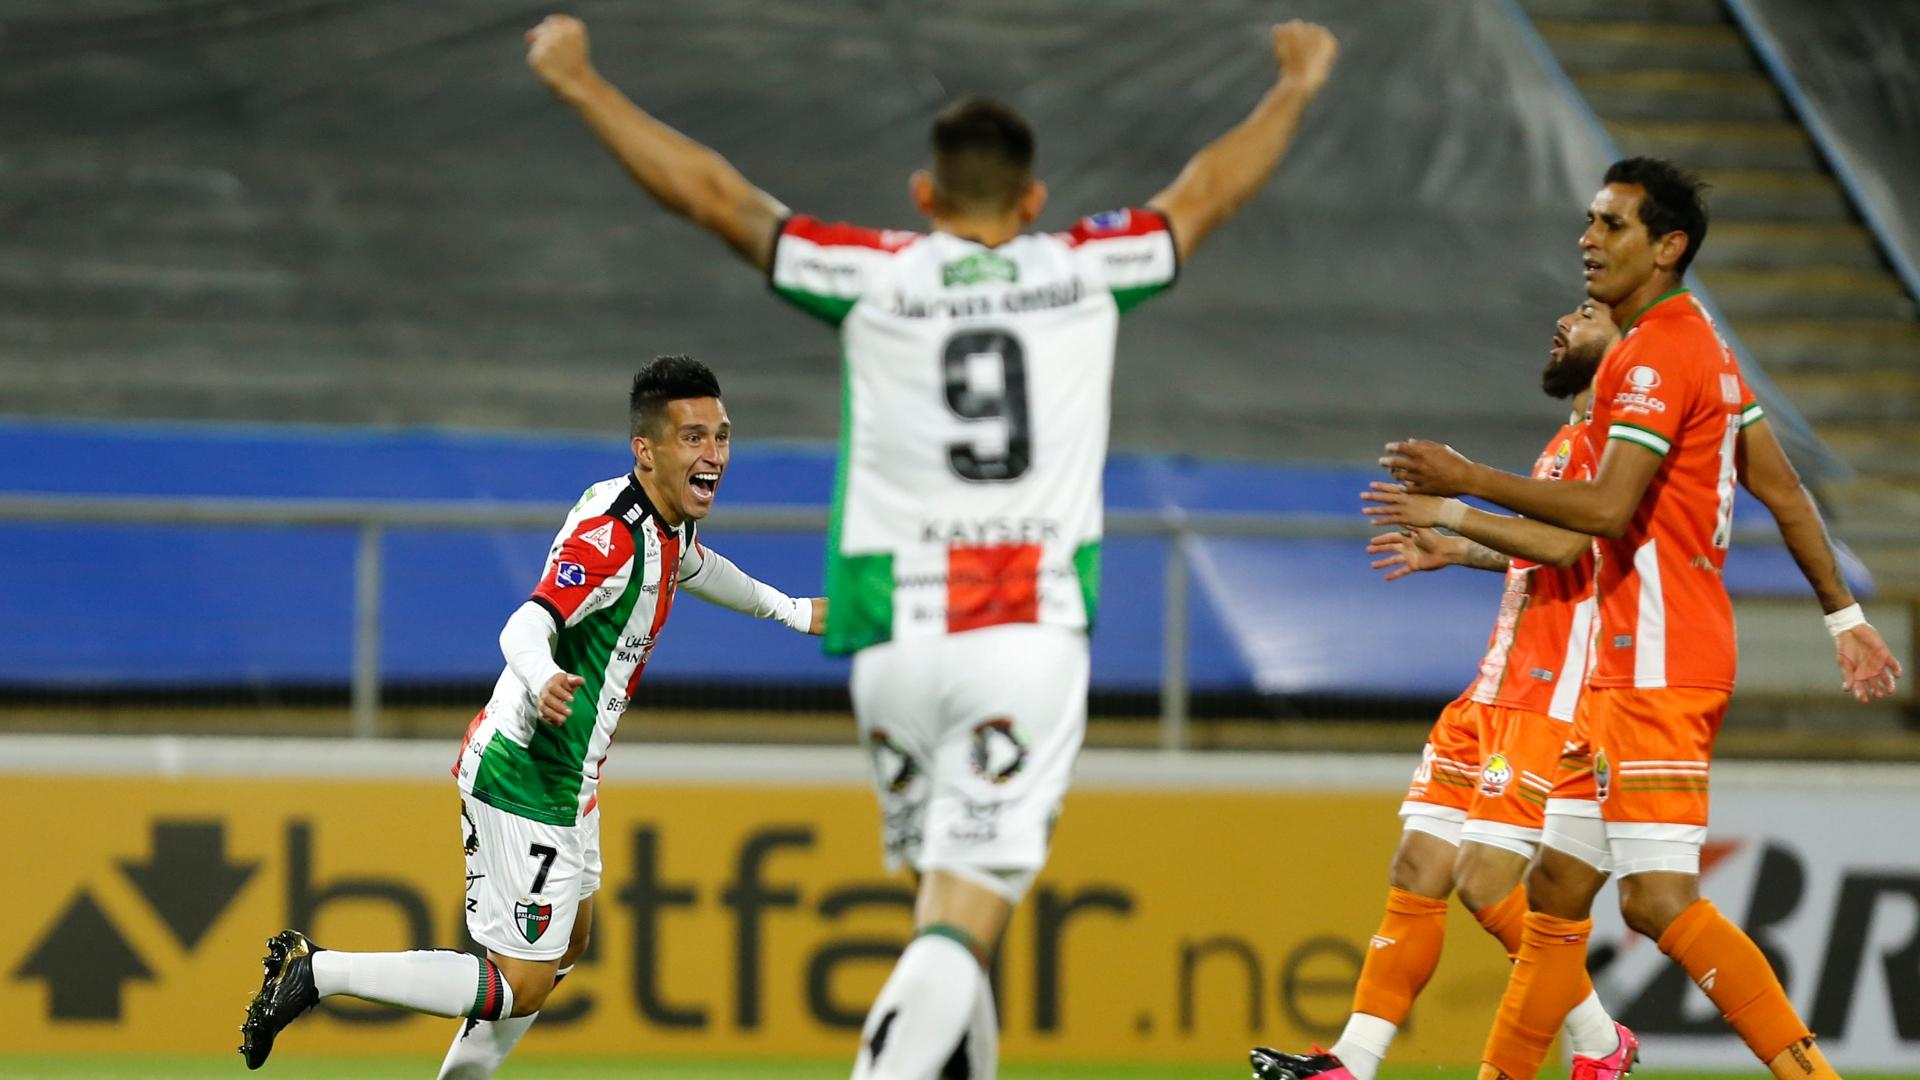 Palestino vs. Cobresal en vivo: partido online, resultado, goles, videos y  formaciones   Goal.com